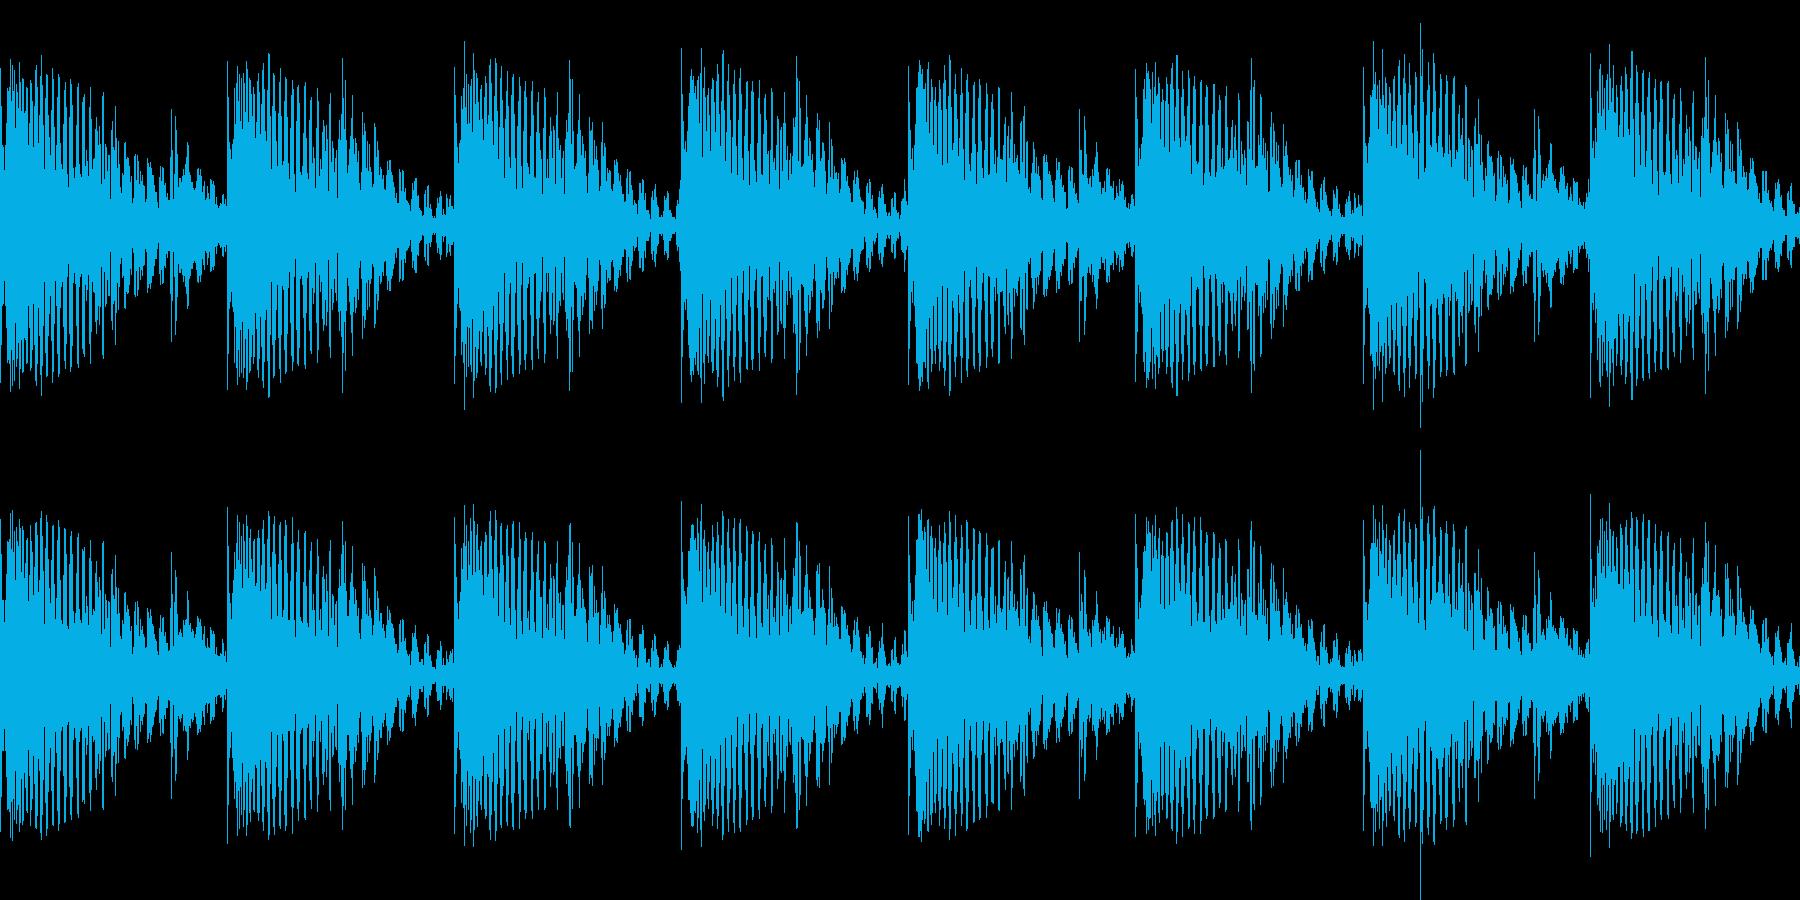 BPM128EDMリズムループ キーD#の再生済みの波形